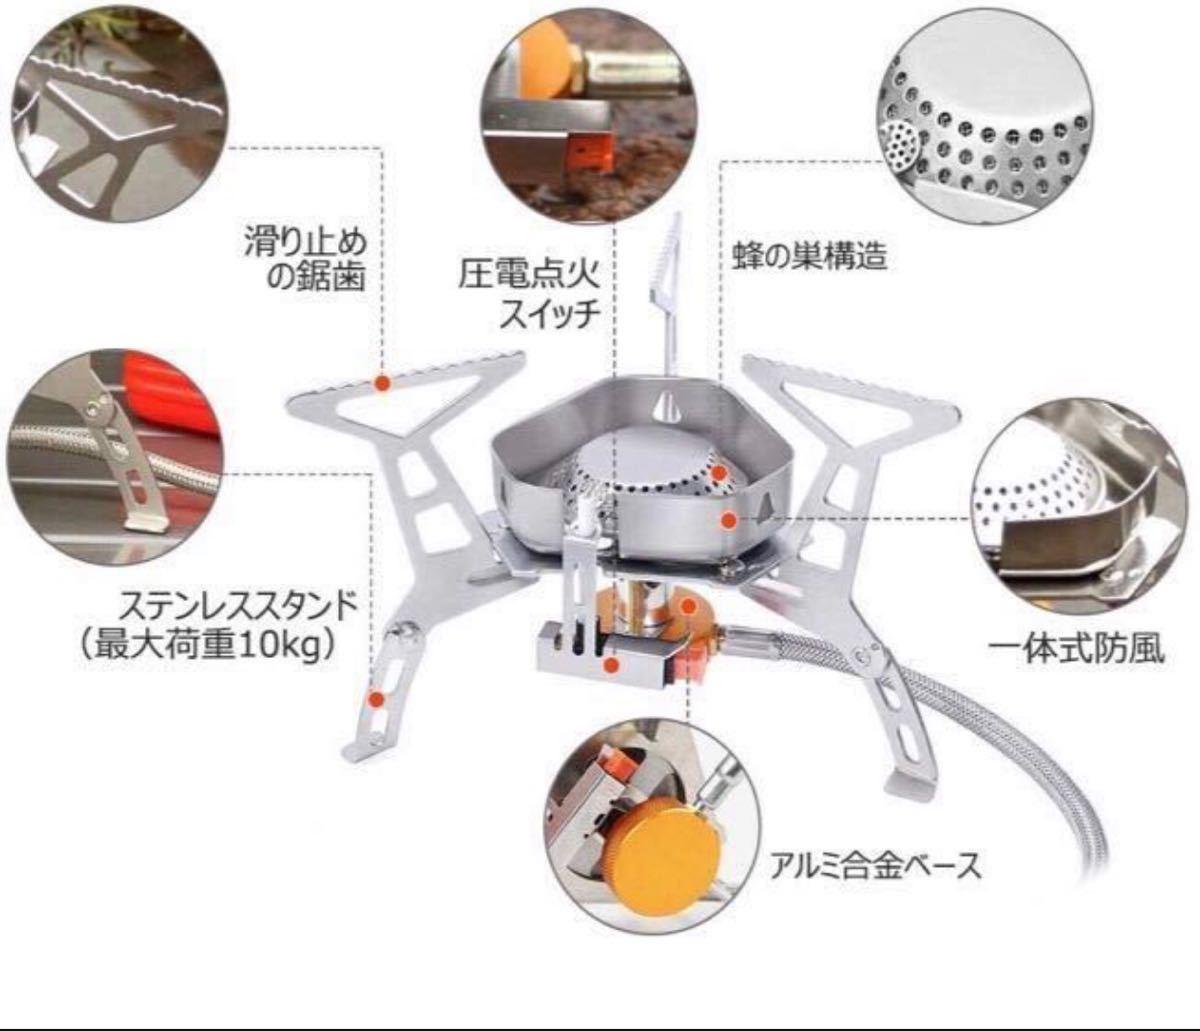 ★3500W シングルバーナー CB缶 キャンプ 登山 風防 ケース付き★